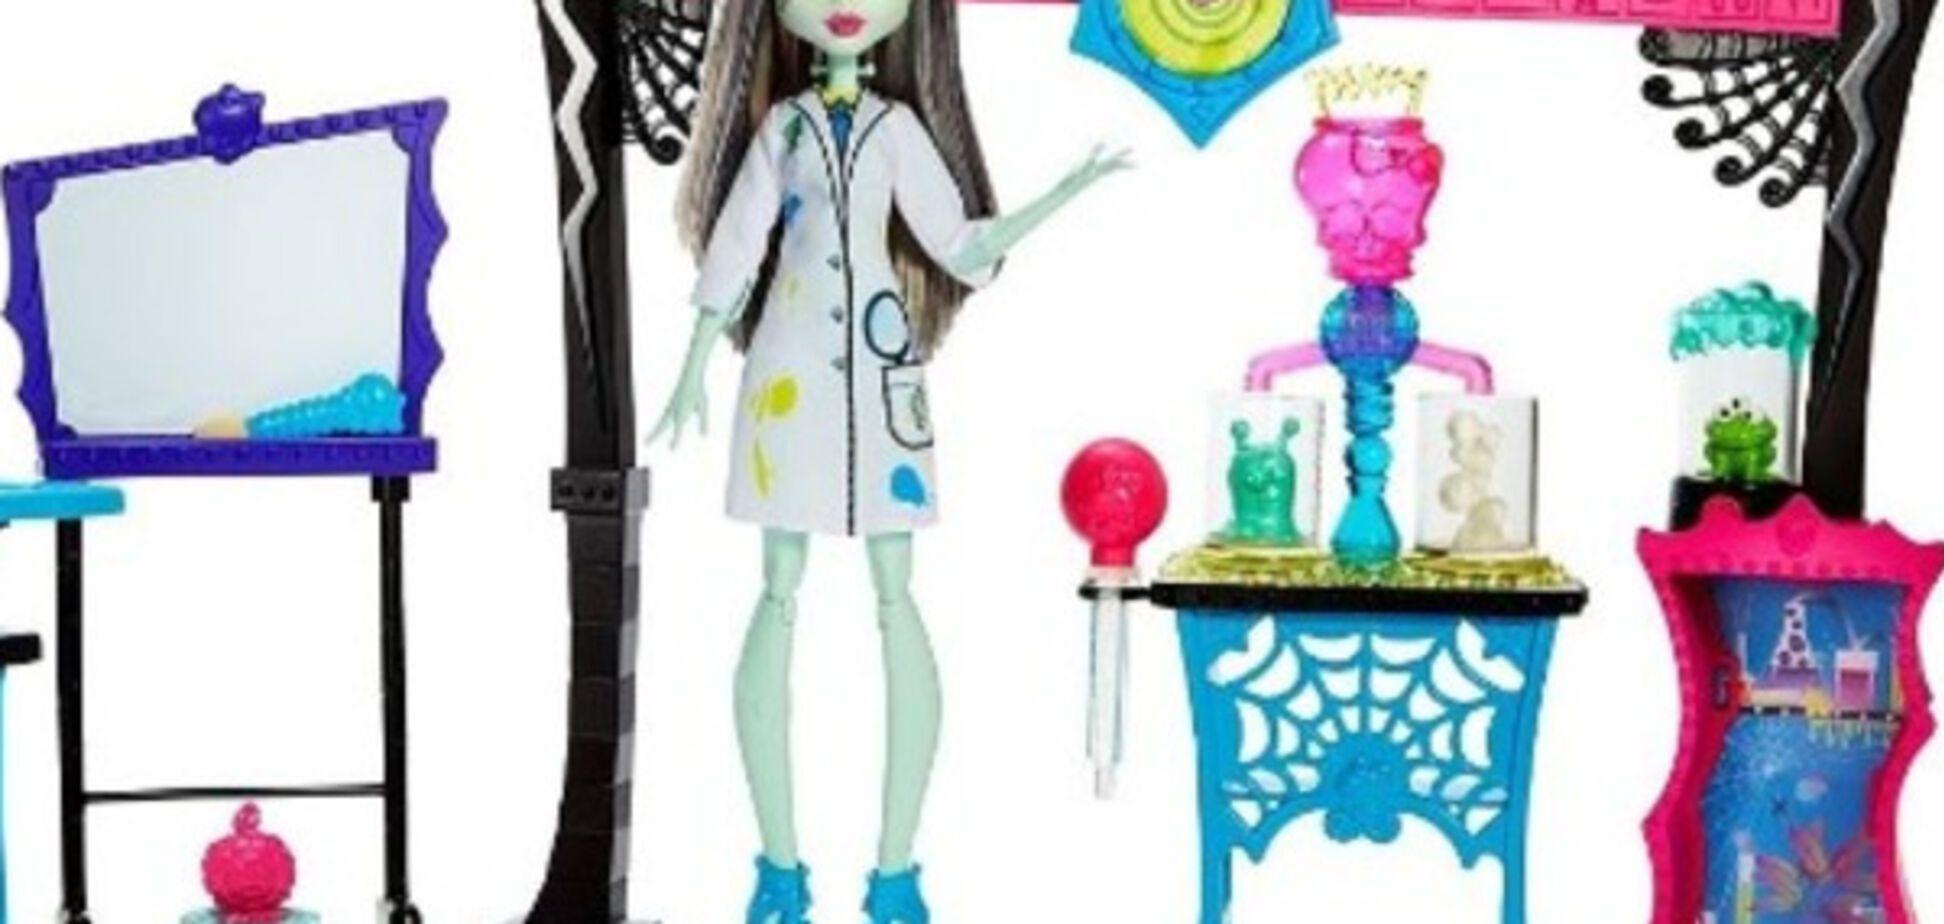 Игровые наборы Monster High: мебель и аксессуары в 'монстростиле'